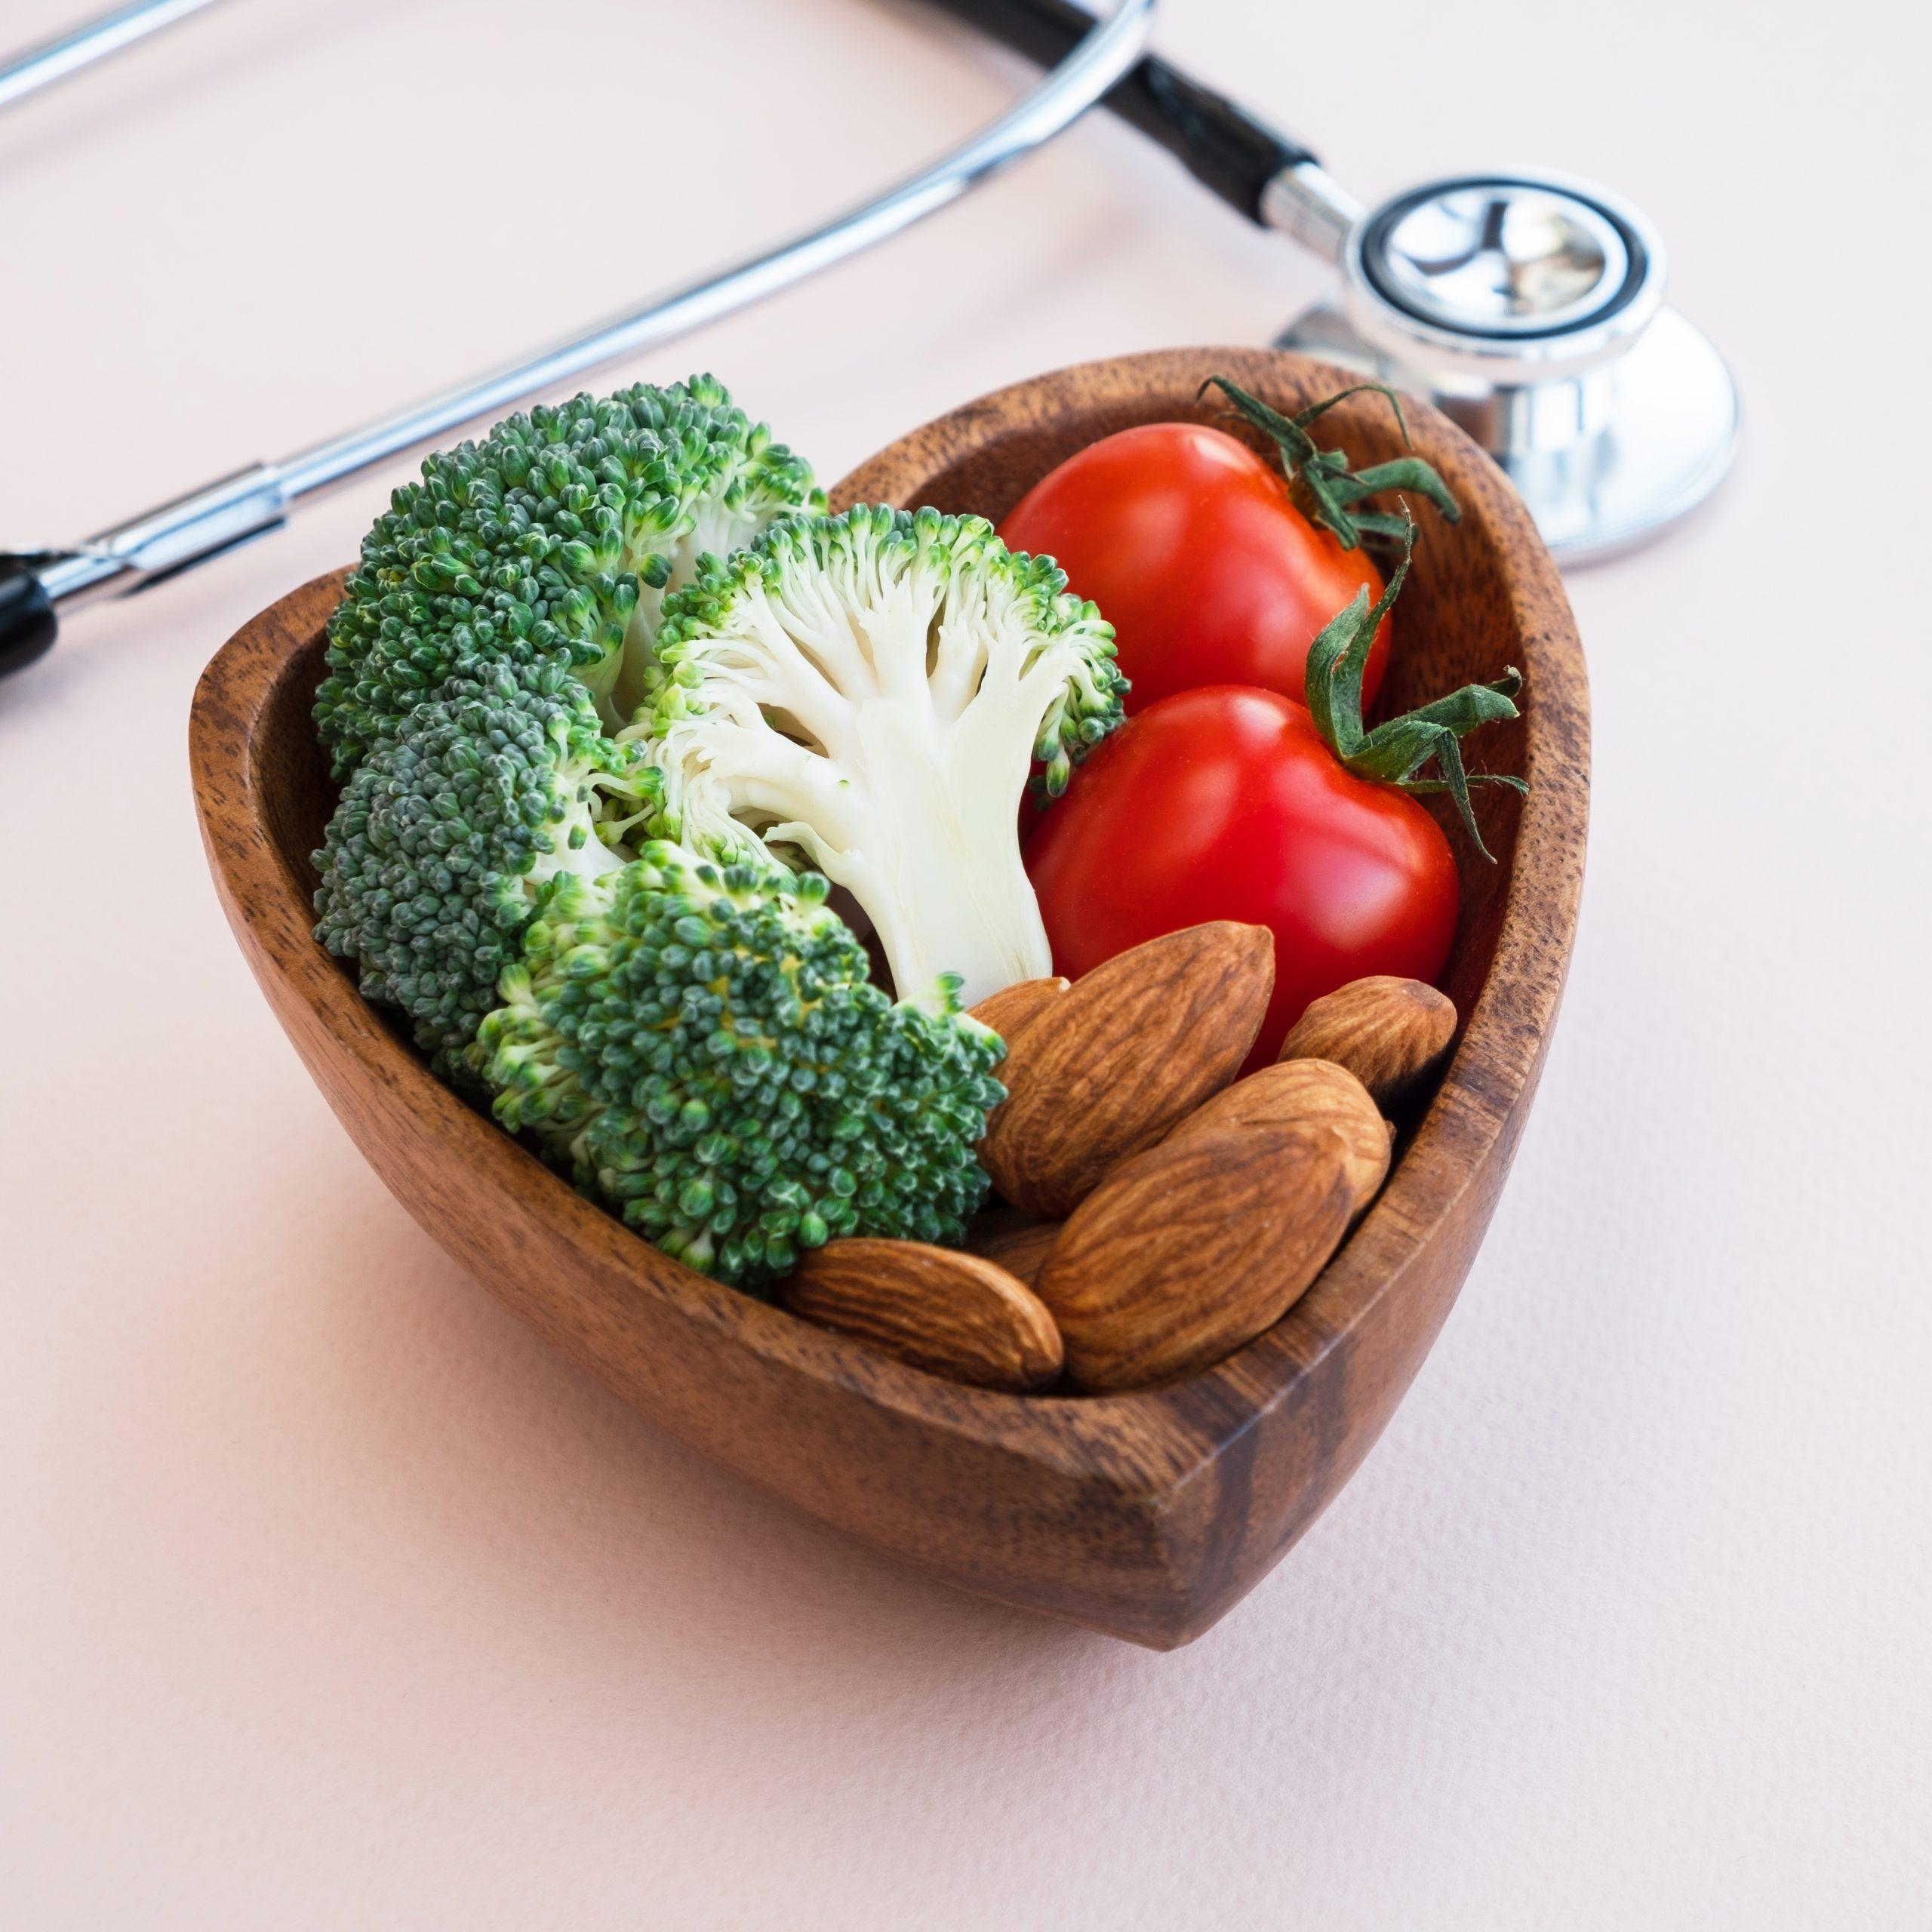 Nüsse sowie Brokkoli enthalten viel Magnesium und können so helfen, den Blutdruck zu senken und die Herzgesundheit zu erhalten